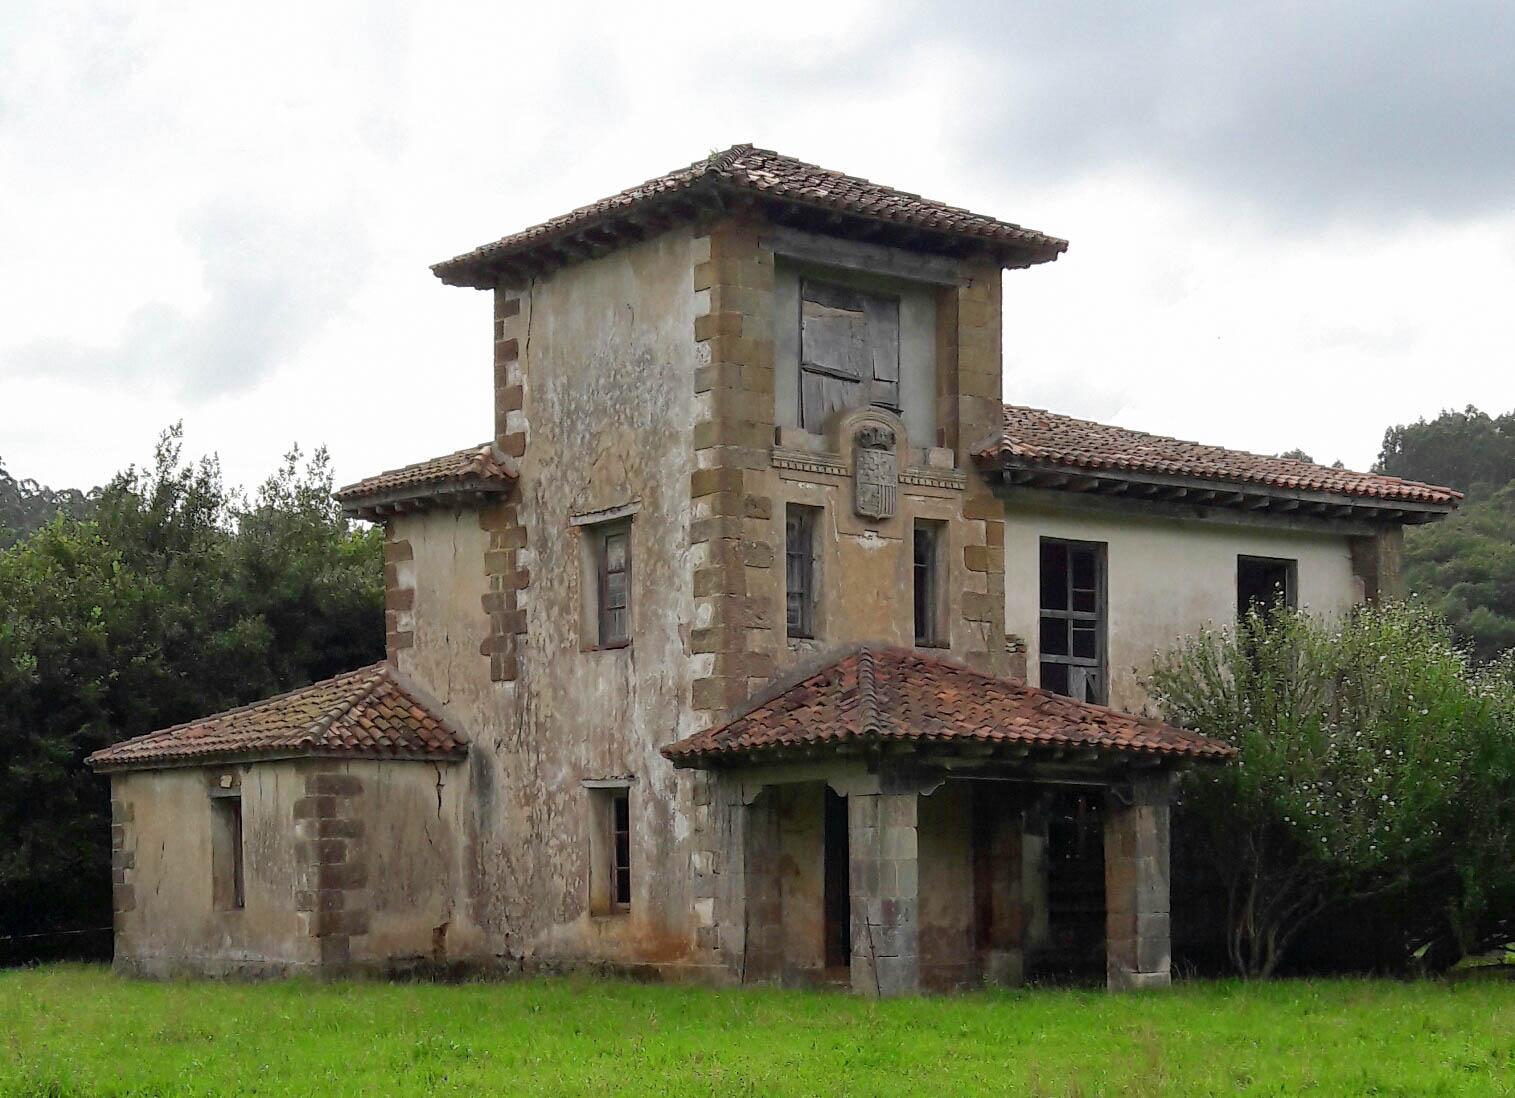 Casona de la Condesa de Casa Tagle, San Martín de Cigüenza